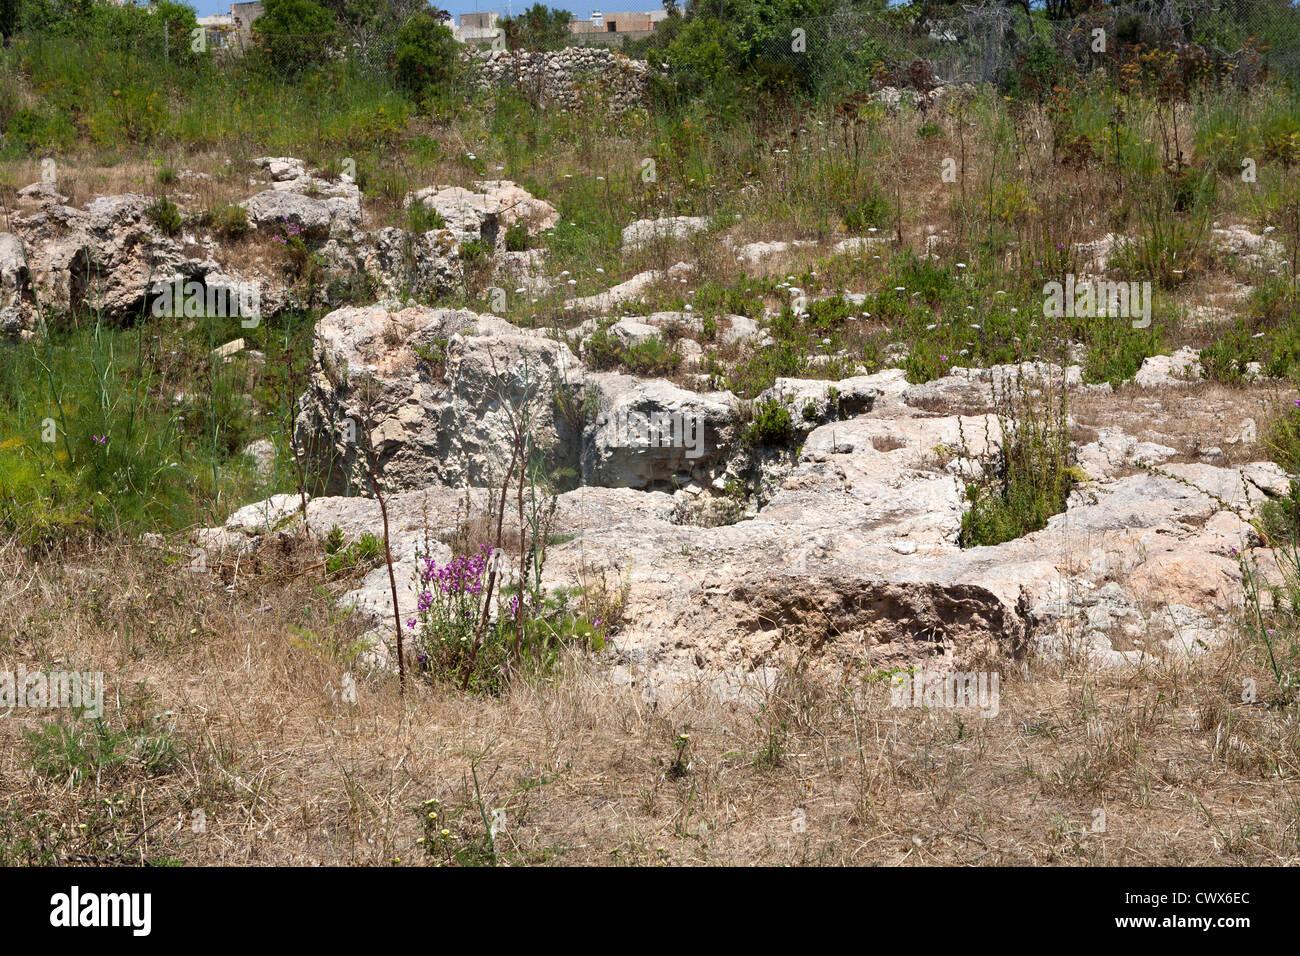 Il cerchio Brockdorff noto anche come Xagha cerchio vicino al Tempio di Ggantija, isola di Gozo, Mare Mediterraneo Foto Stock